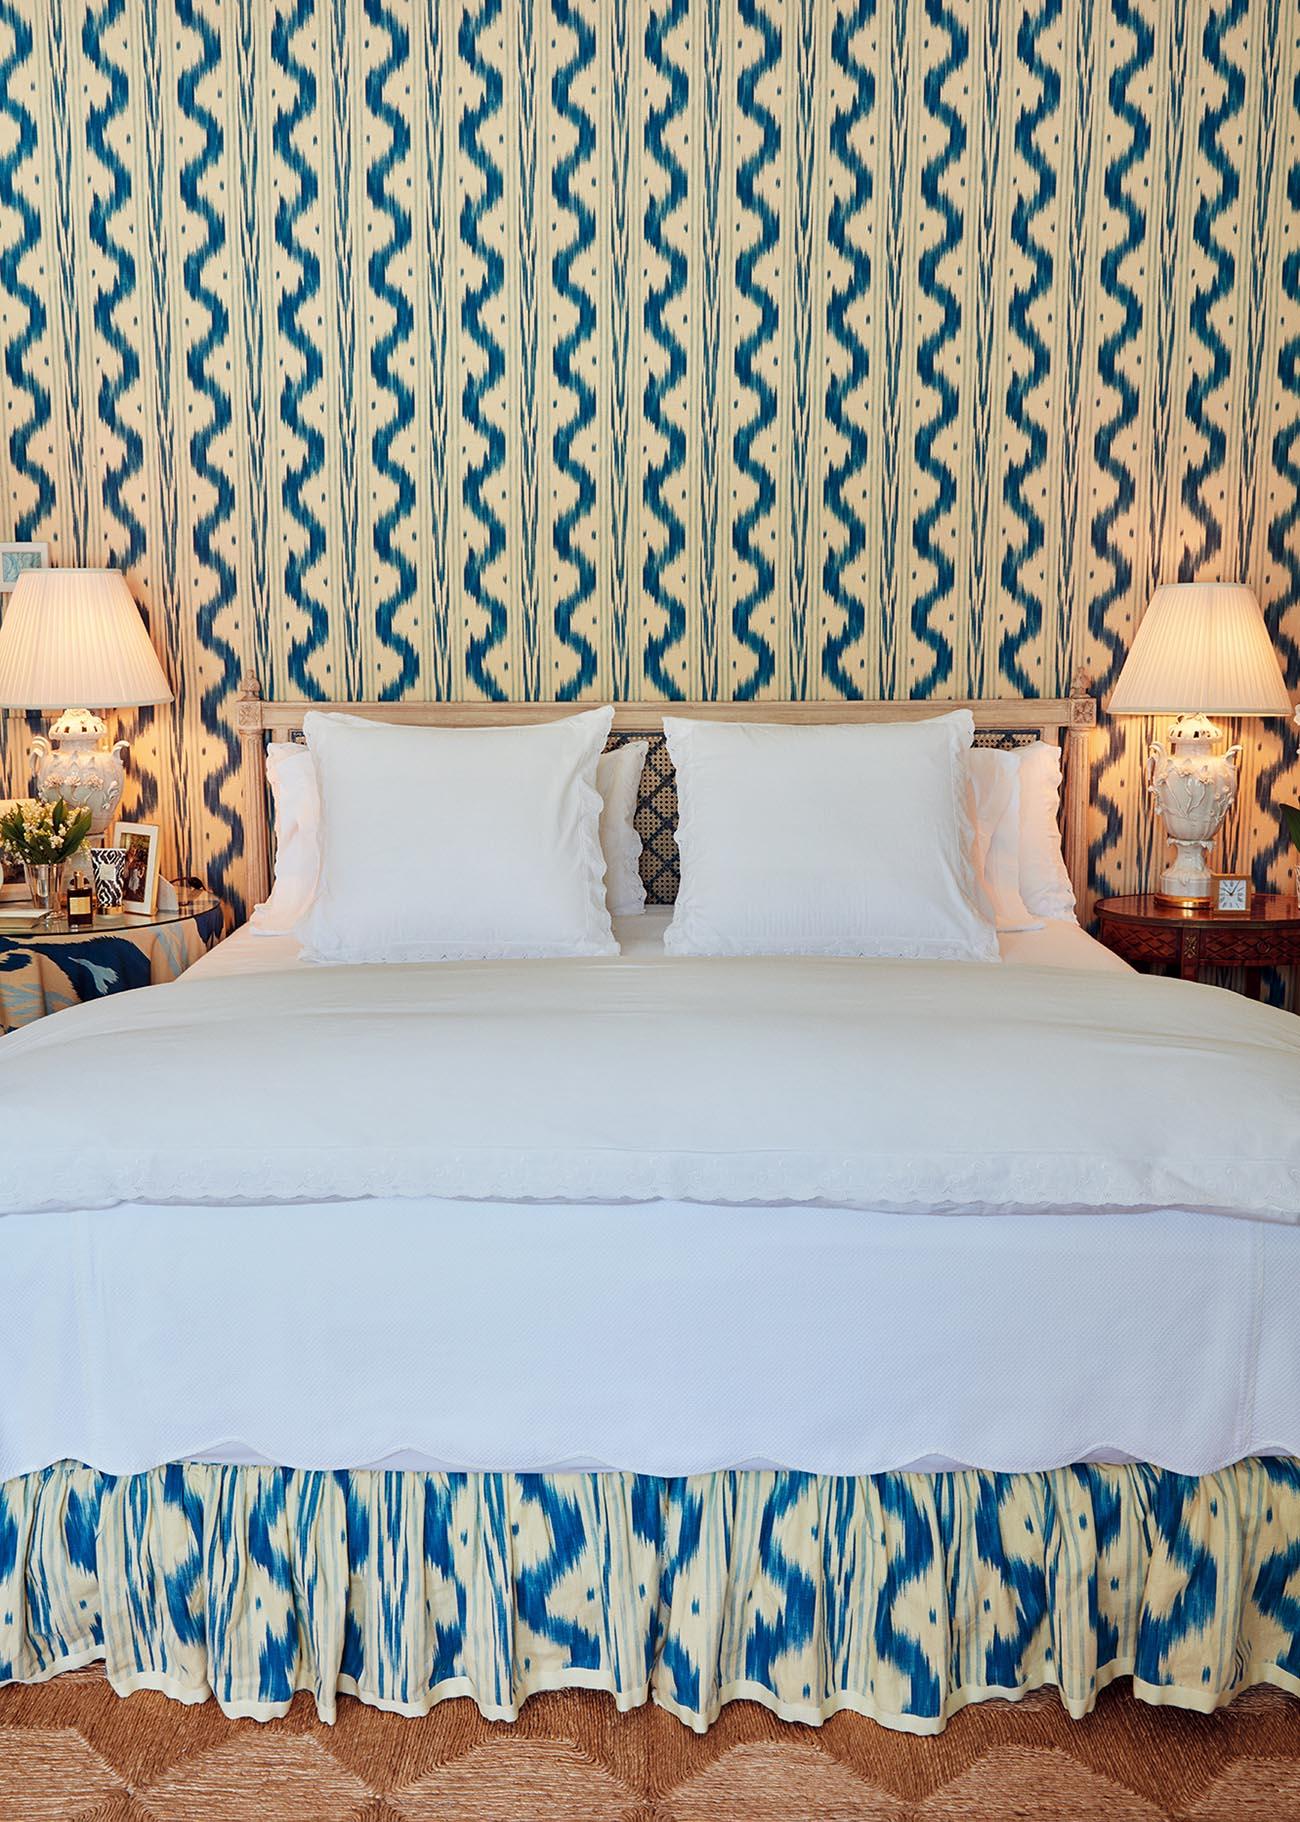 에어린 로더가 좋아하는 블루 & 화이트 방